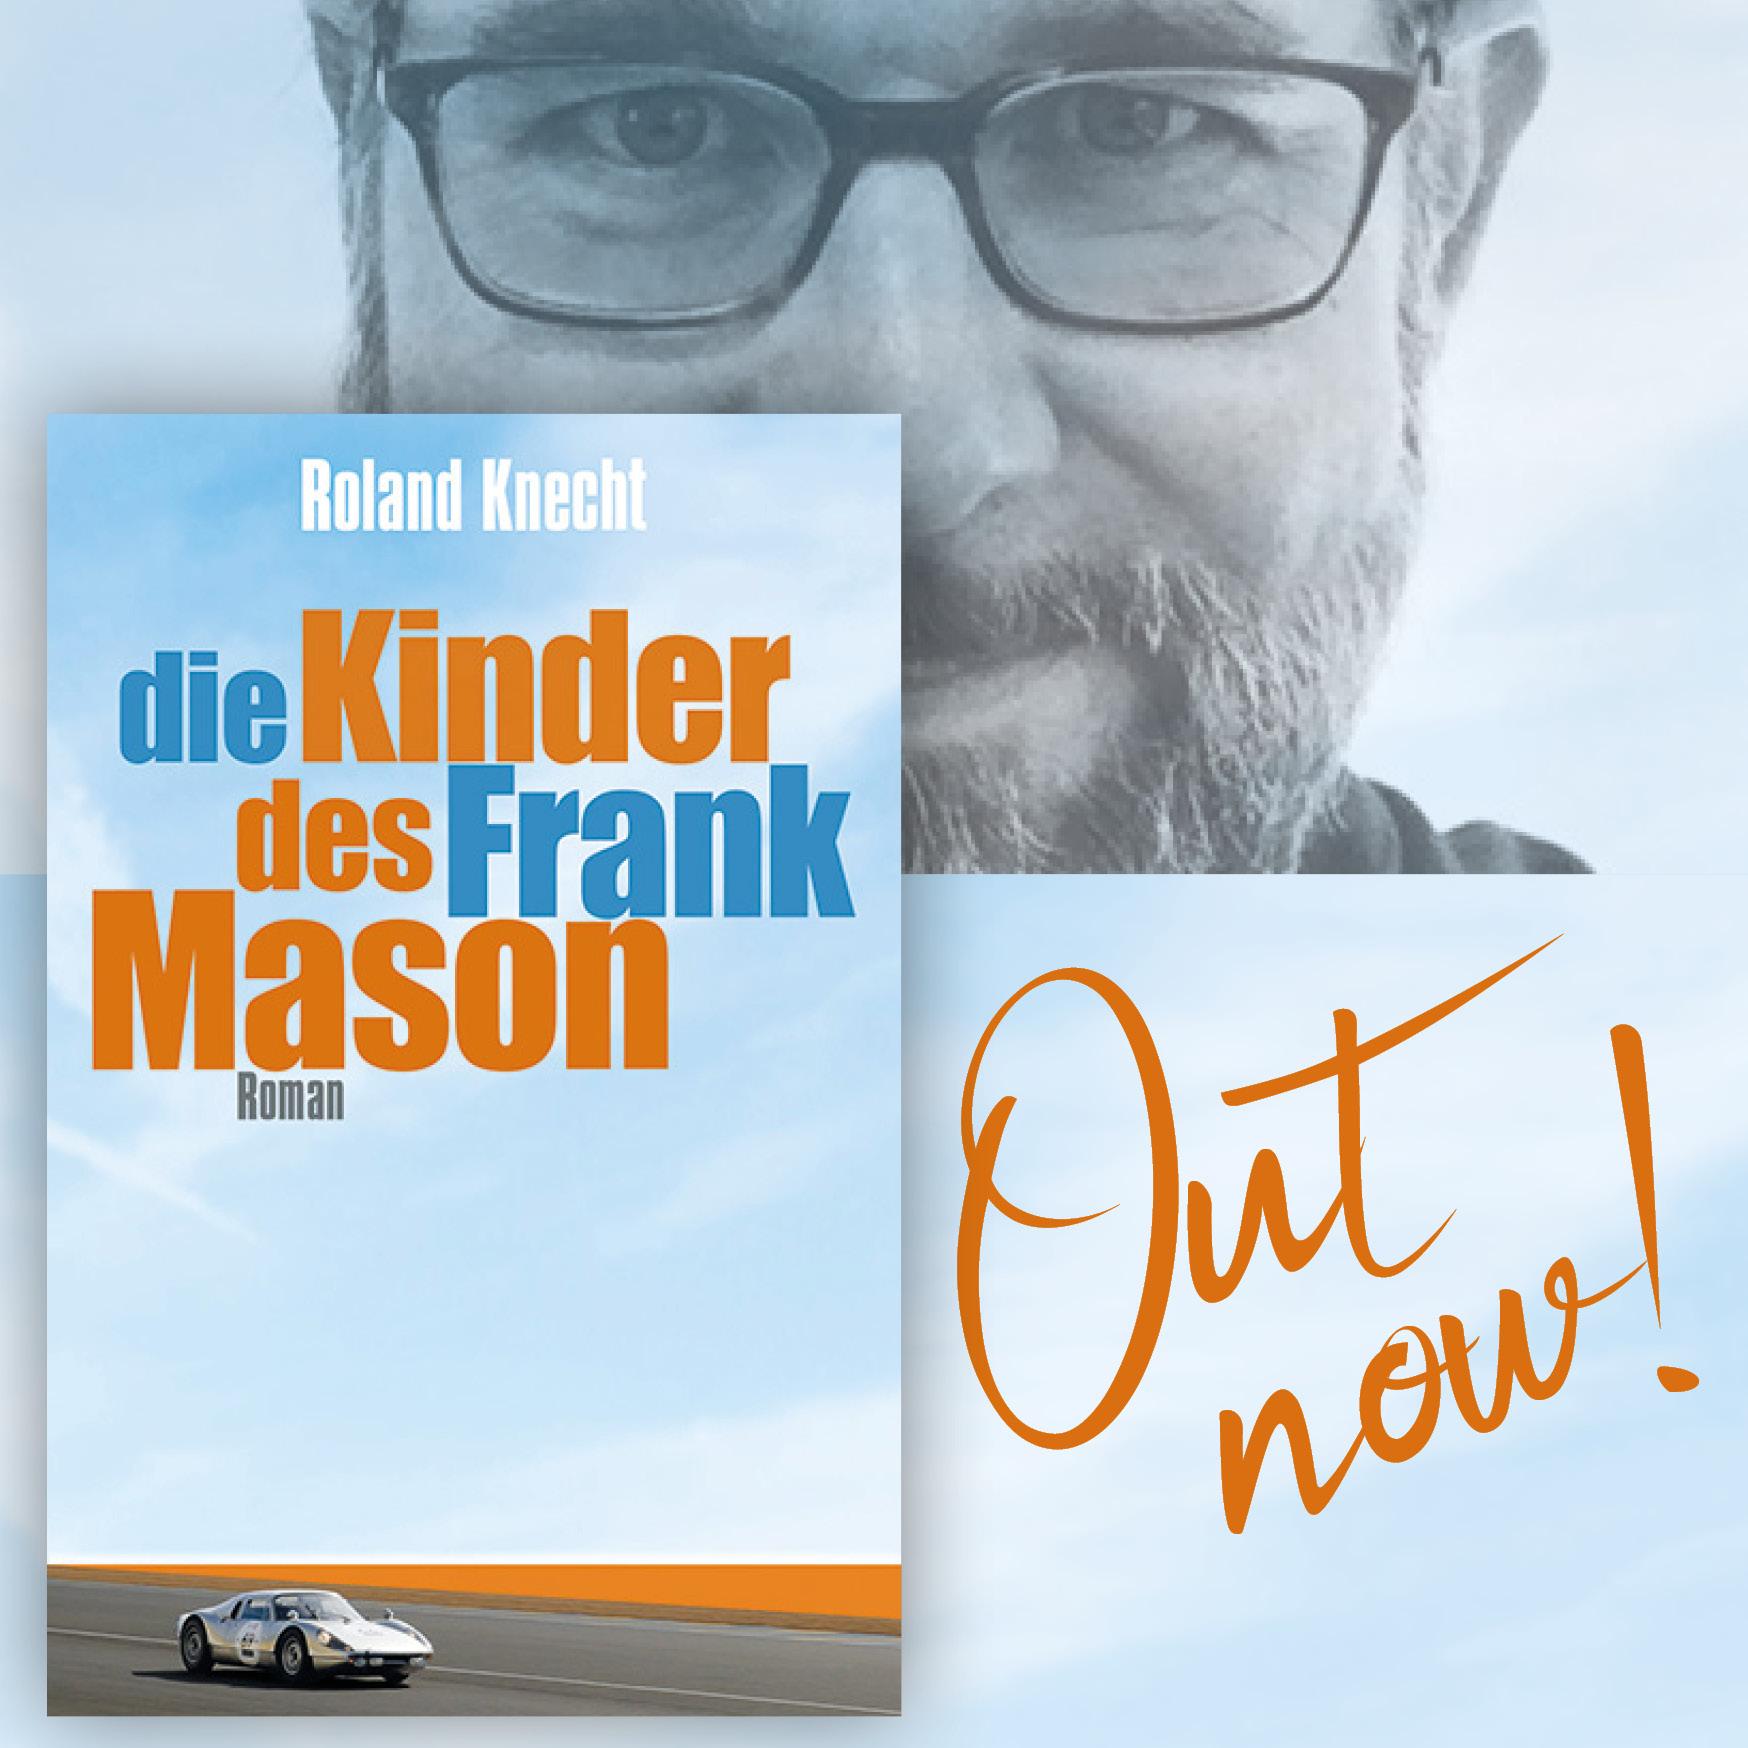 Roman »die Kinder des Frank Mason«